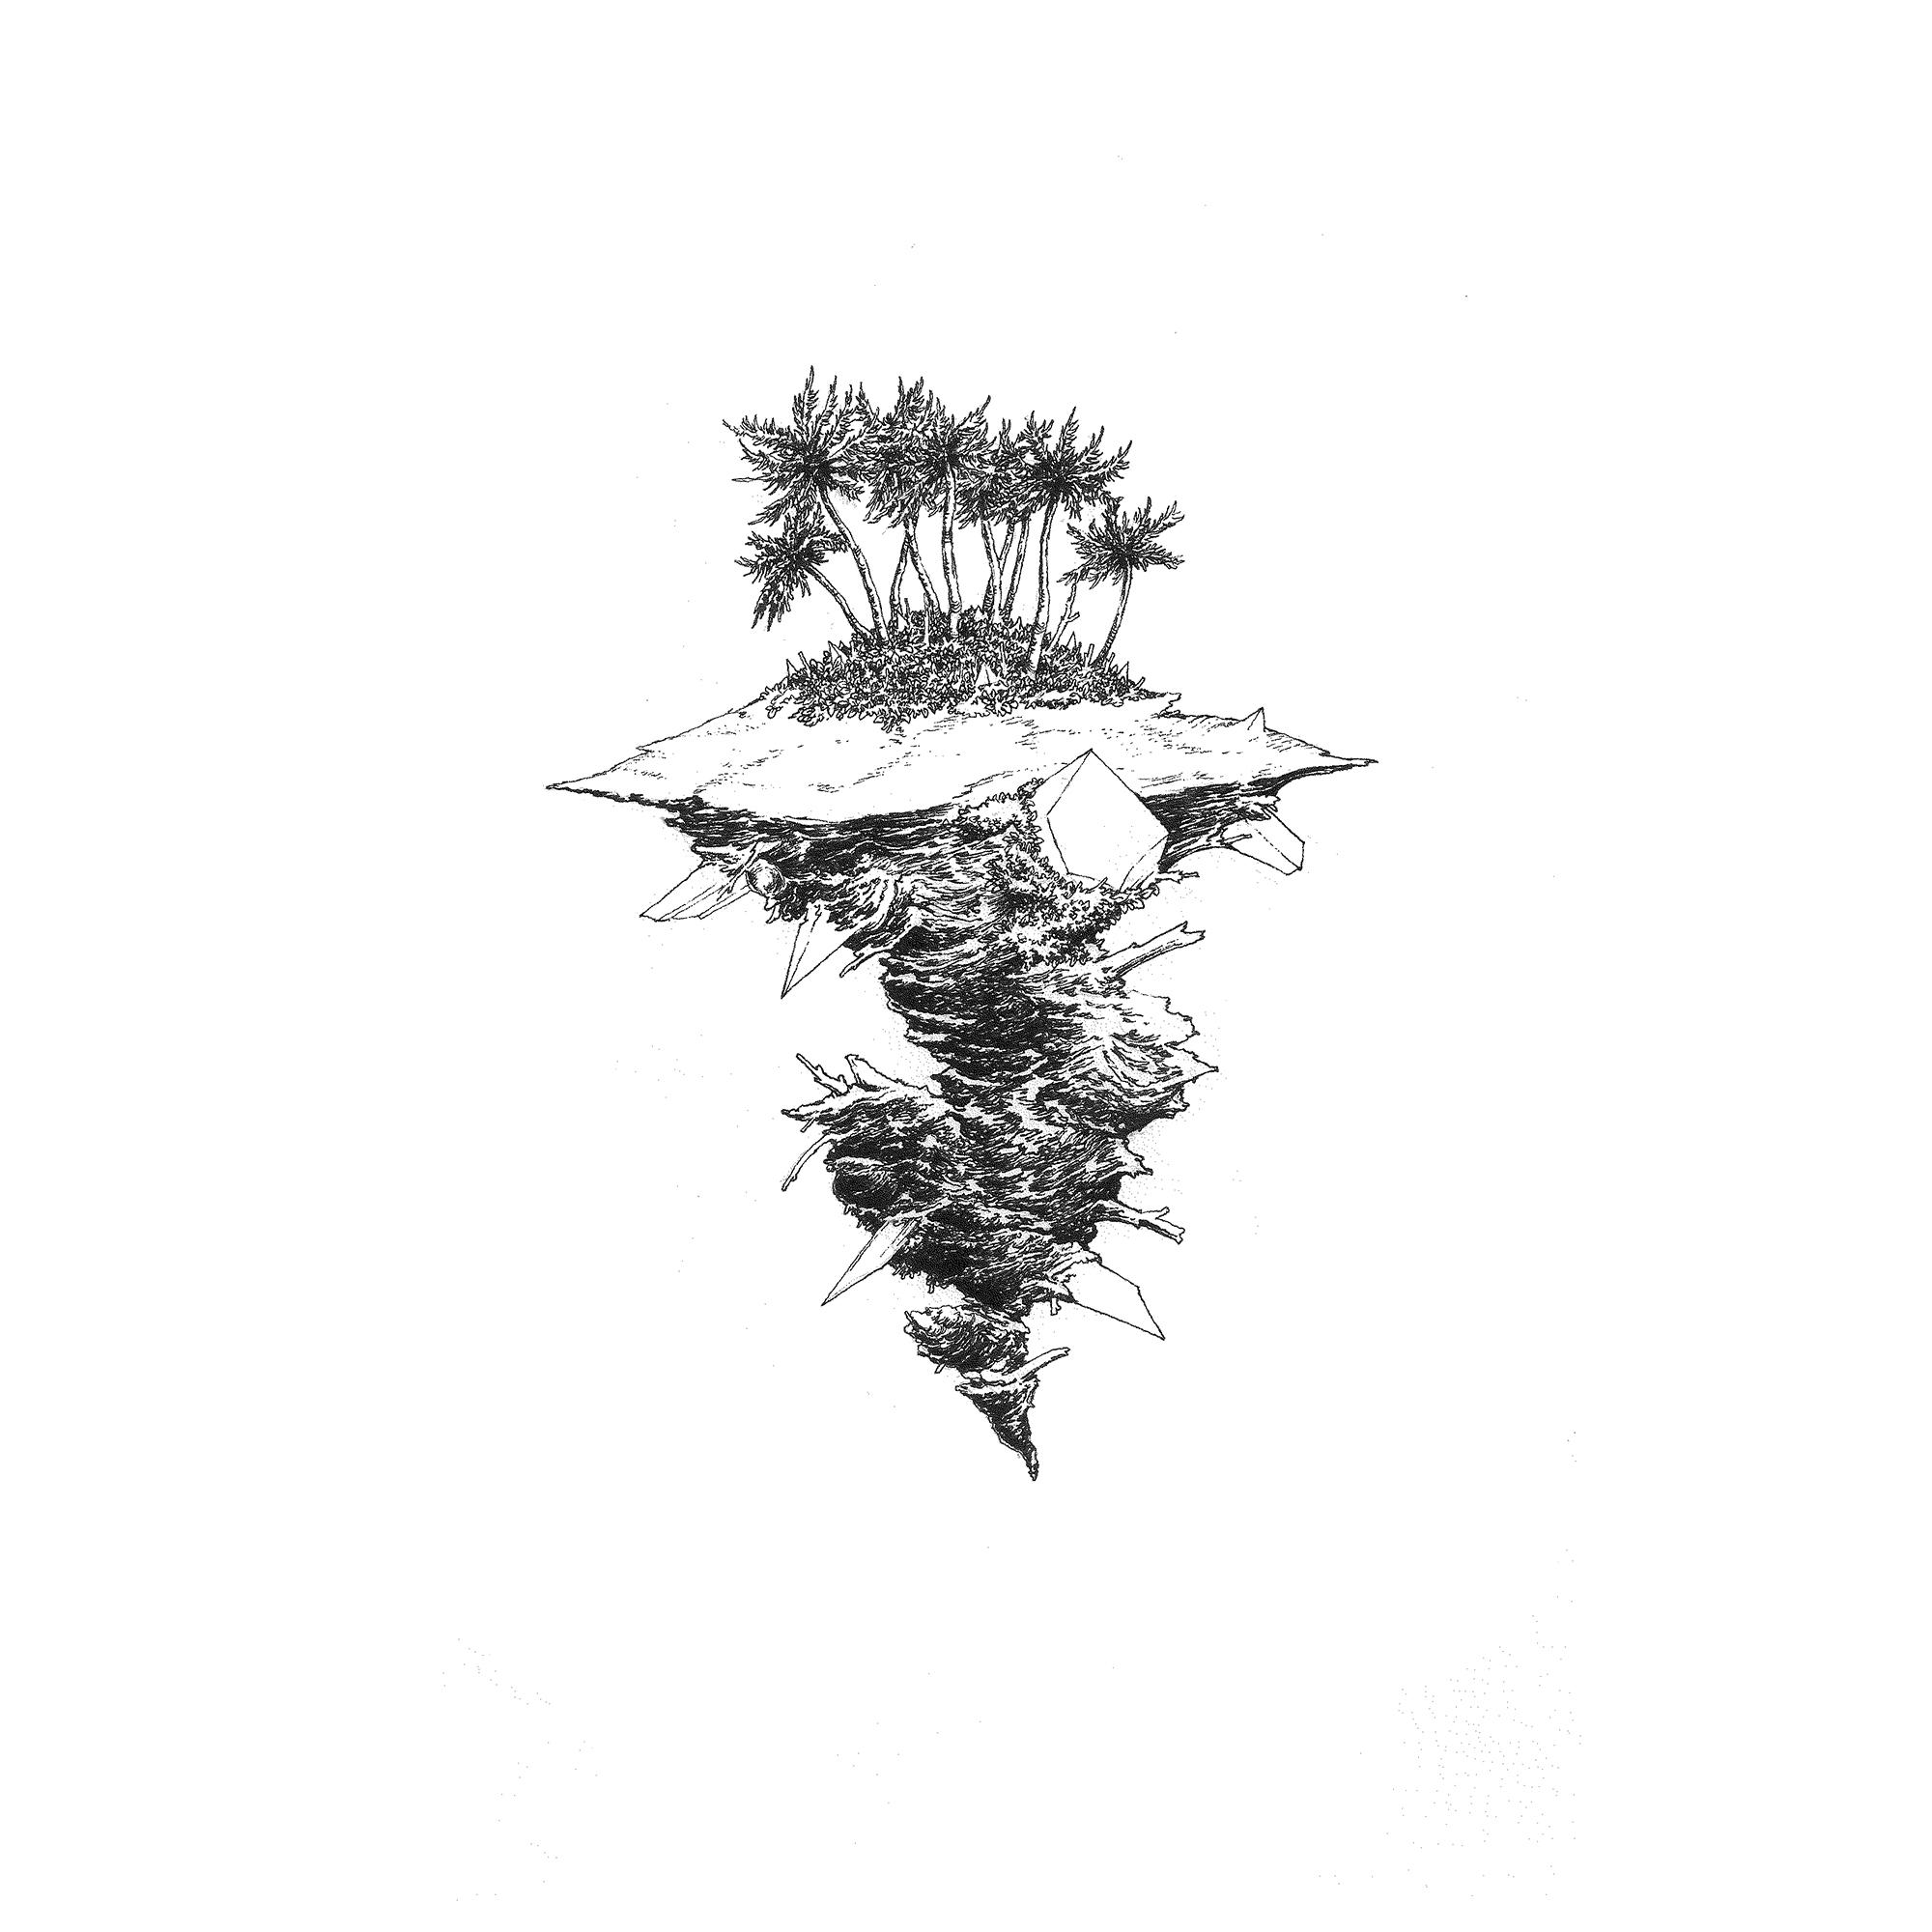 """Bartosz Zaskórski, """"Czarna plaża w moim sercu"""", 2016, tusz na papierze, 21×29,7 cm (źródło: materiały prasowe organizatora)"""